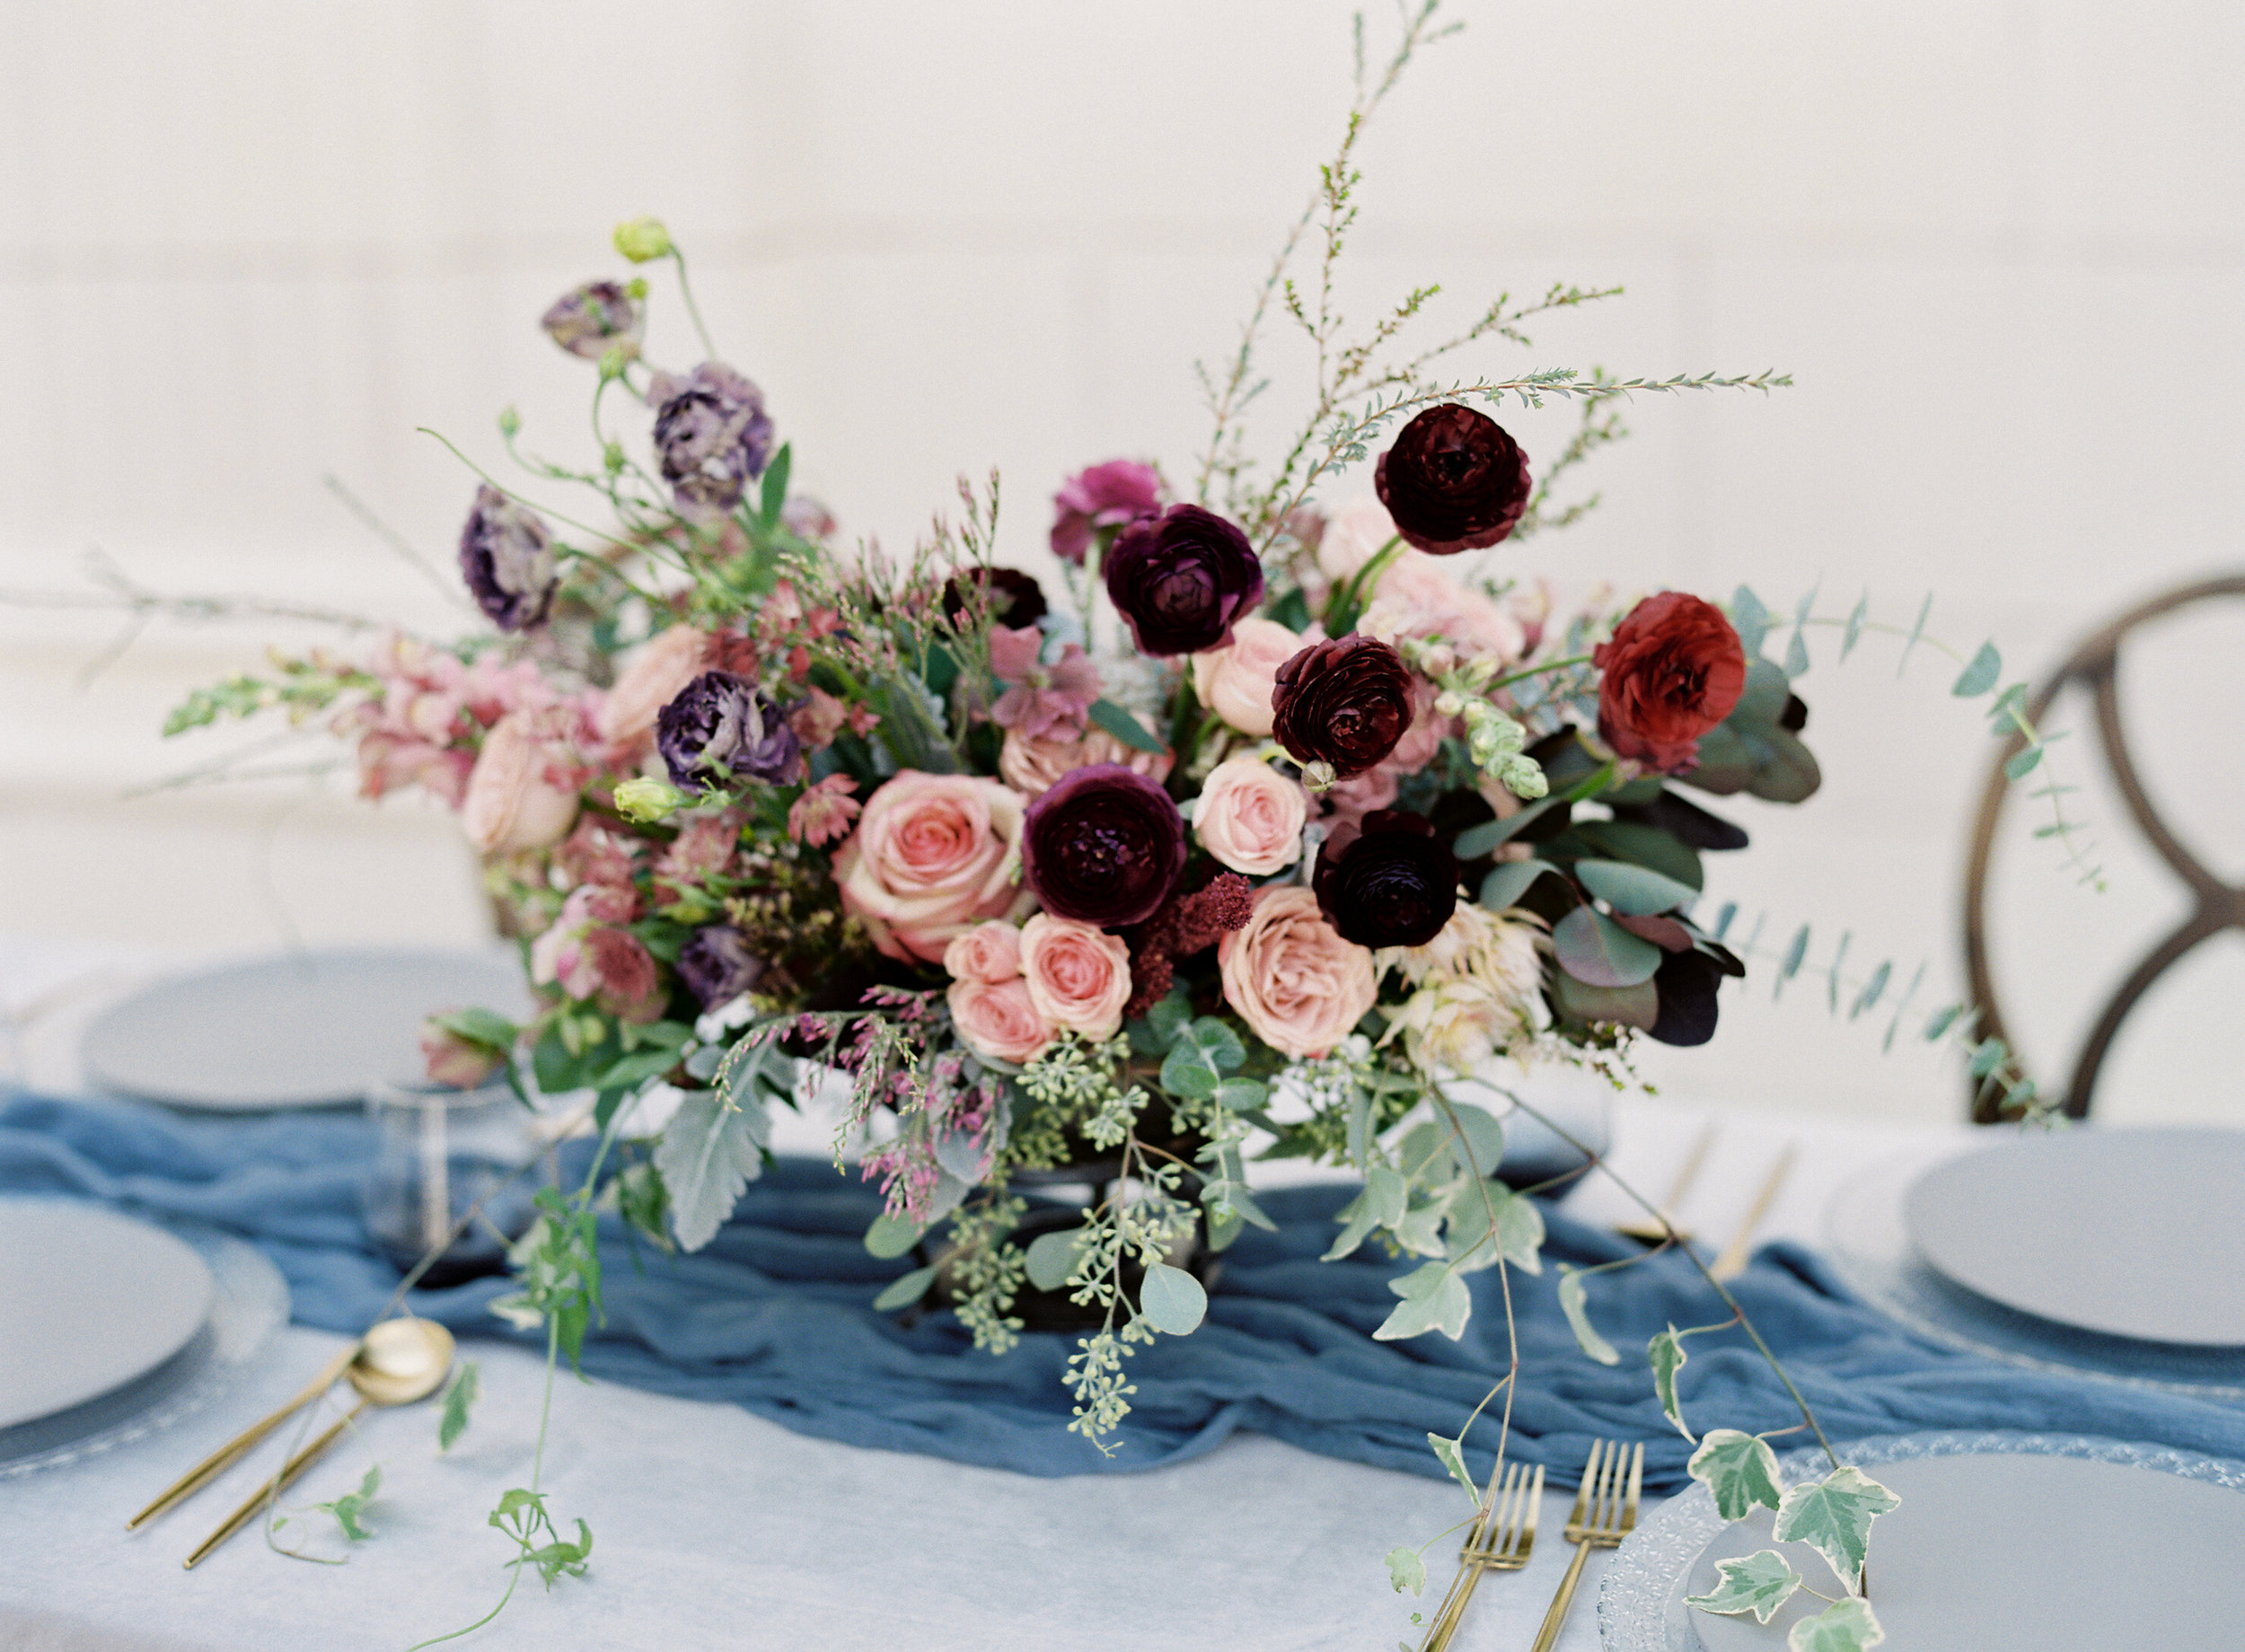 About La Rue Floral -